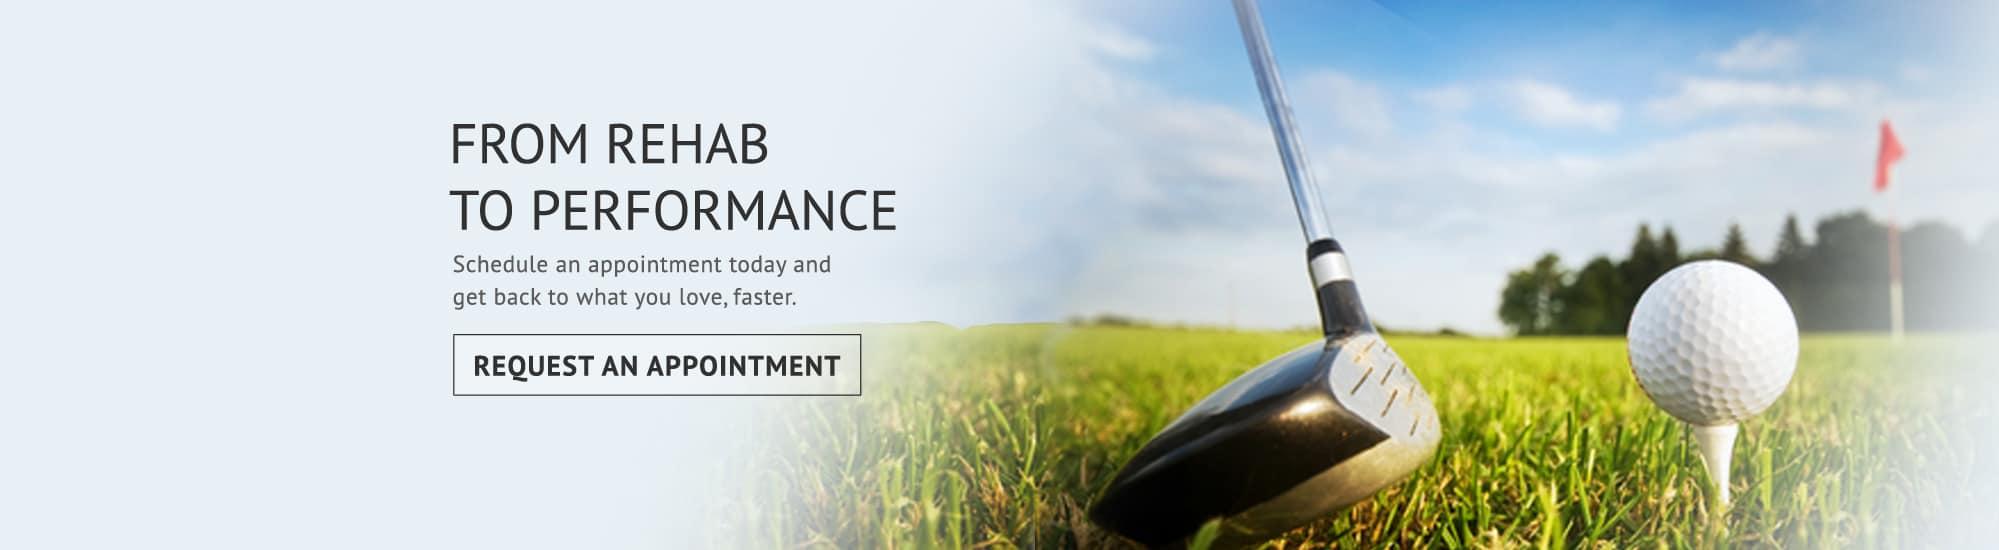 rehab performance slide